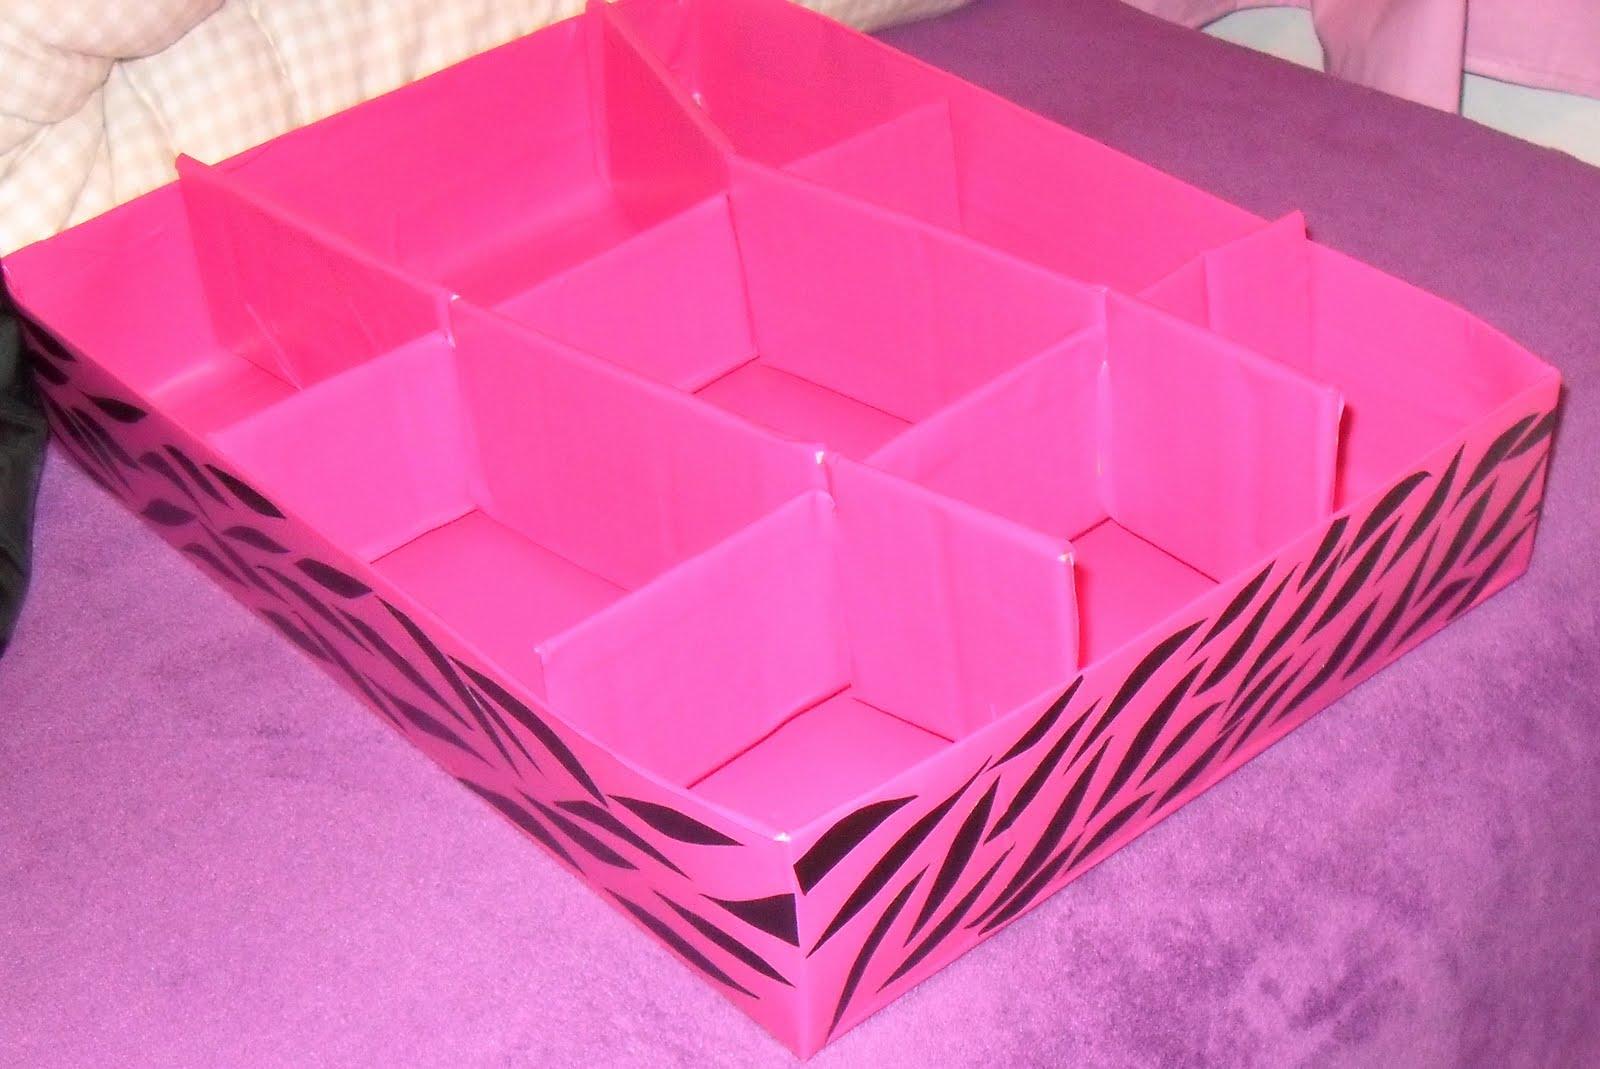 Coisas Femininas!: Organizador de Gavetas Feito em Casa #C9026B 1600x1069